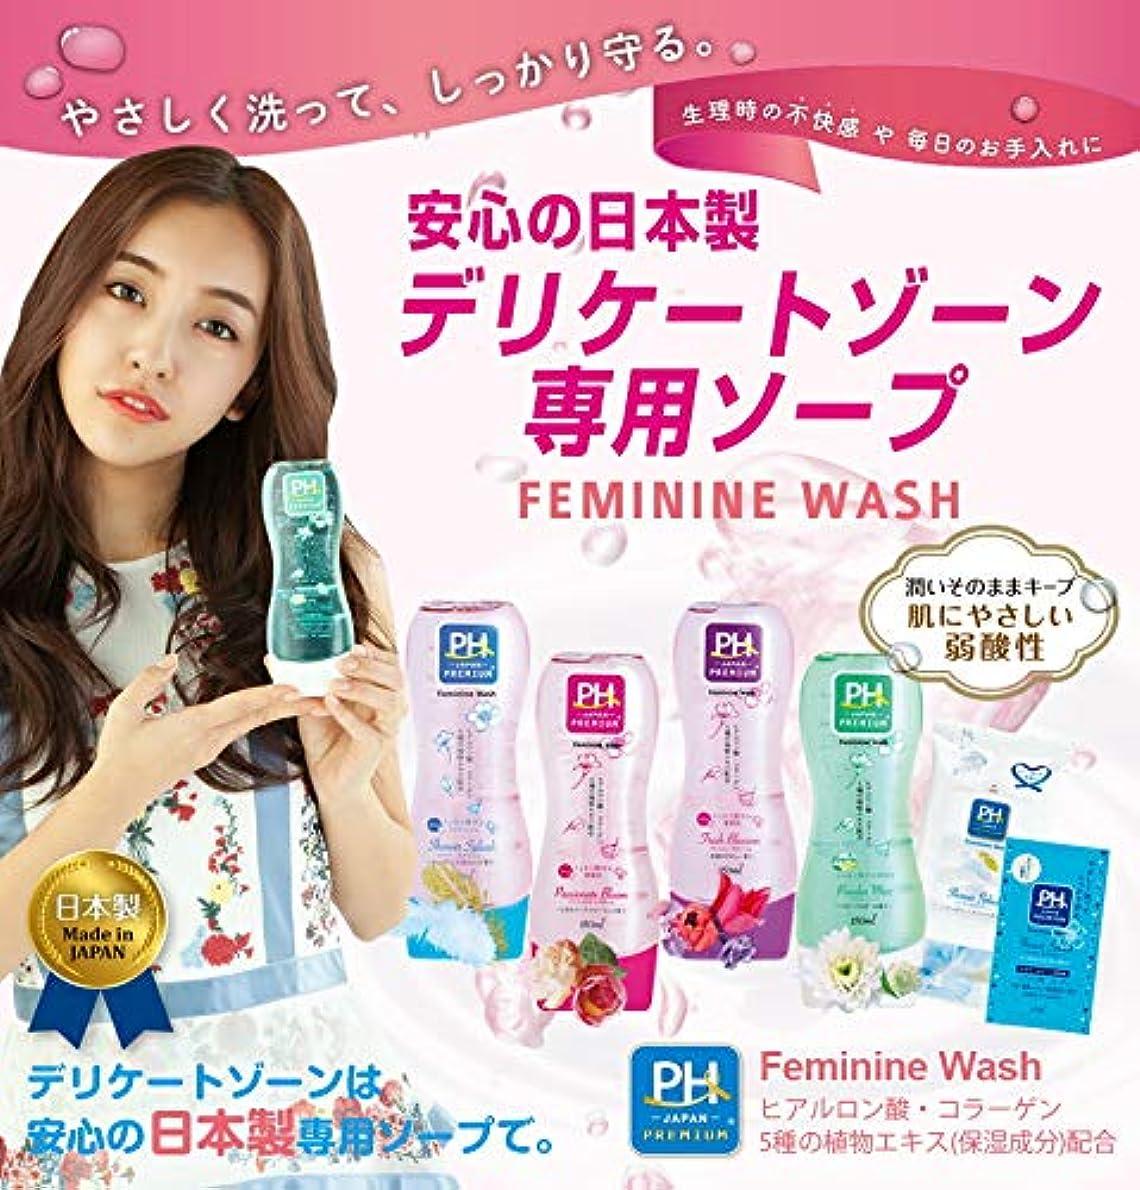 写真のパトロール強調PH JAPAN プレミアム フェミニンウォッシュ パッショネイトブルーム150ml上品なローズフローラルの香り 3本セット